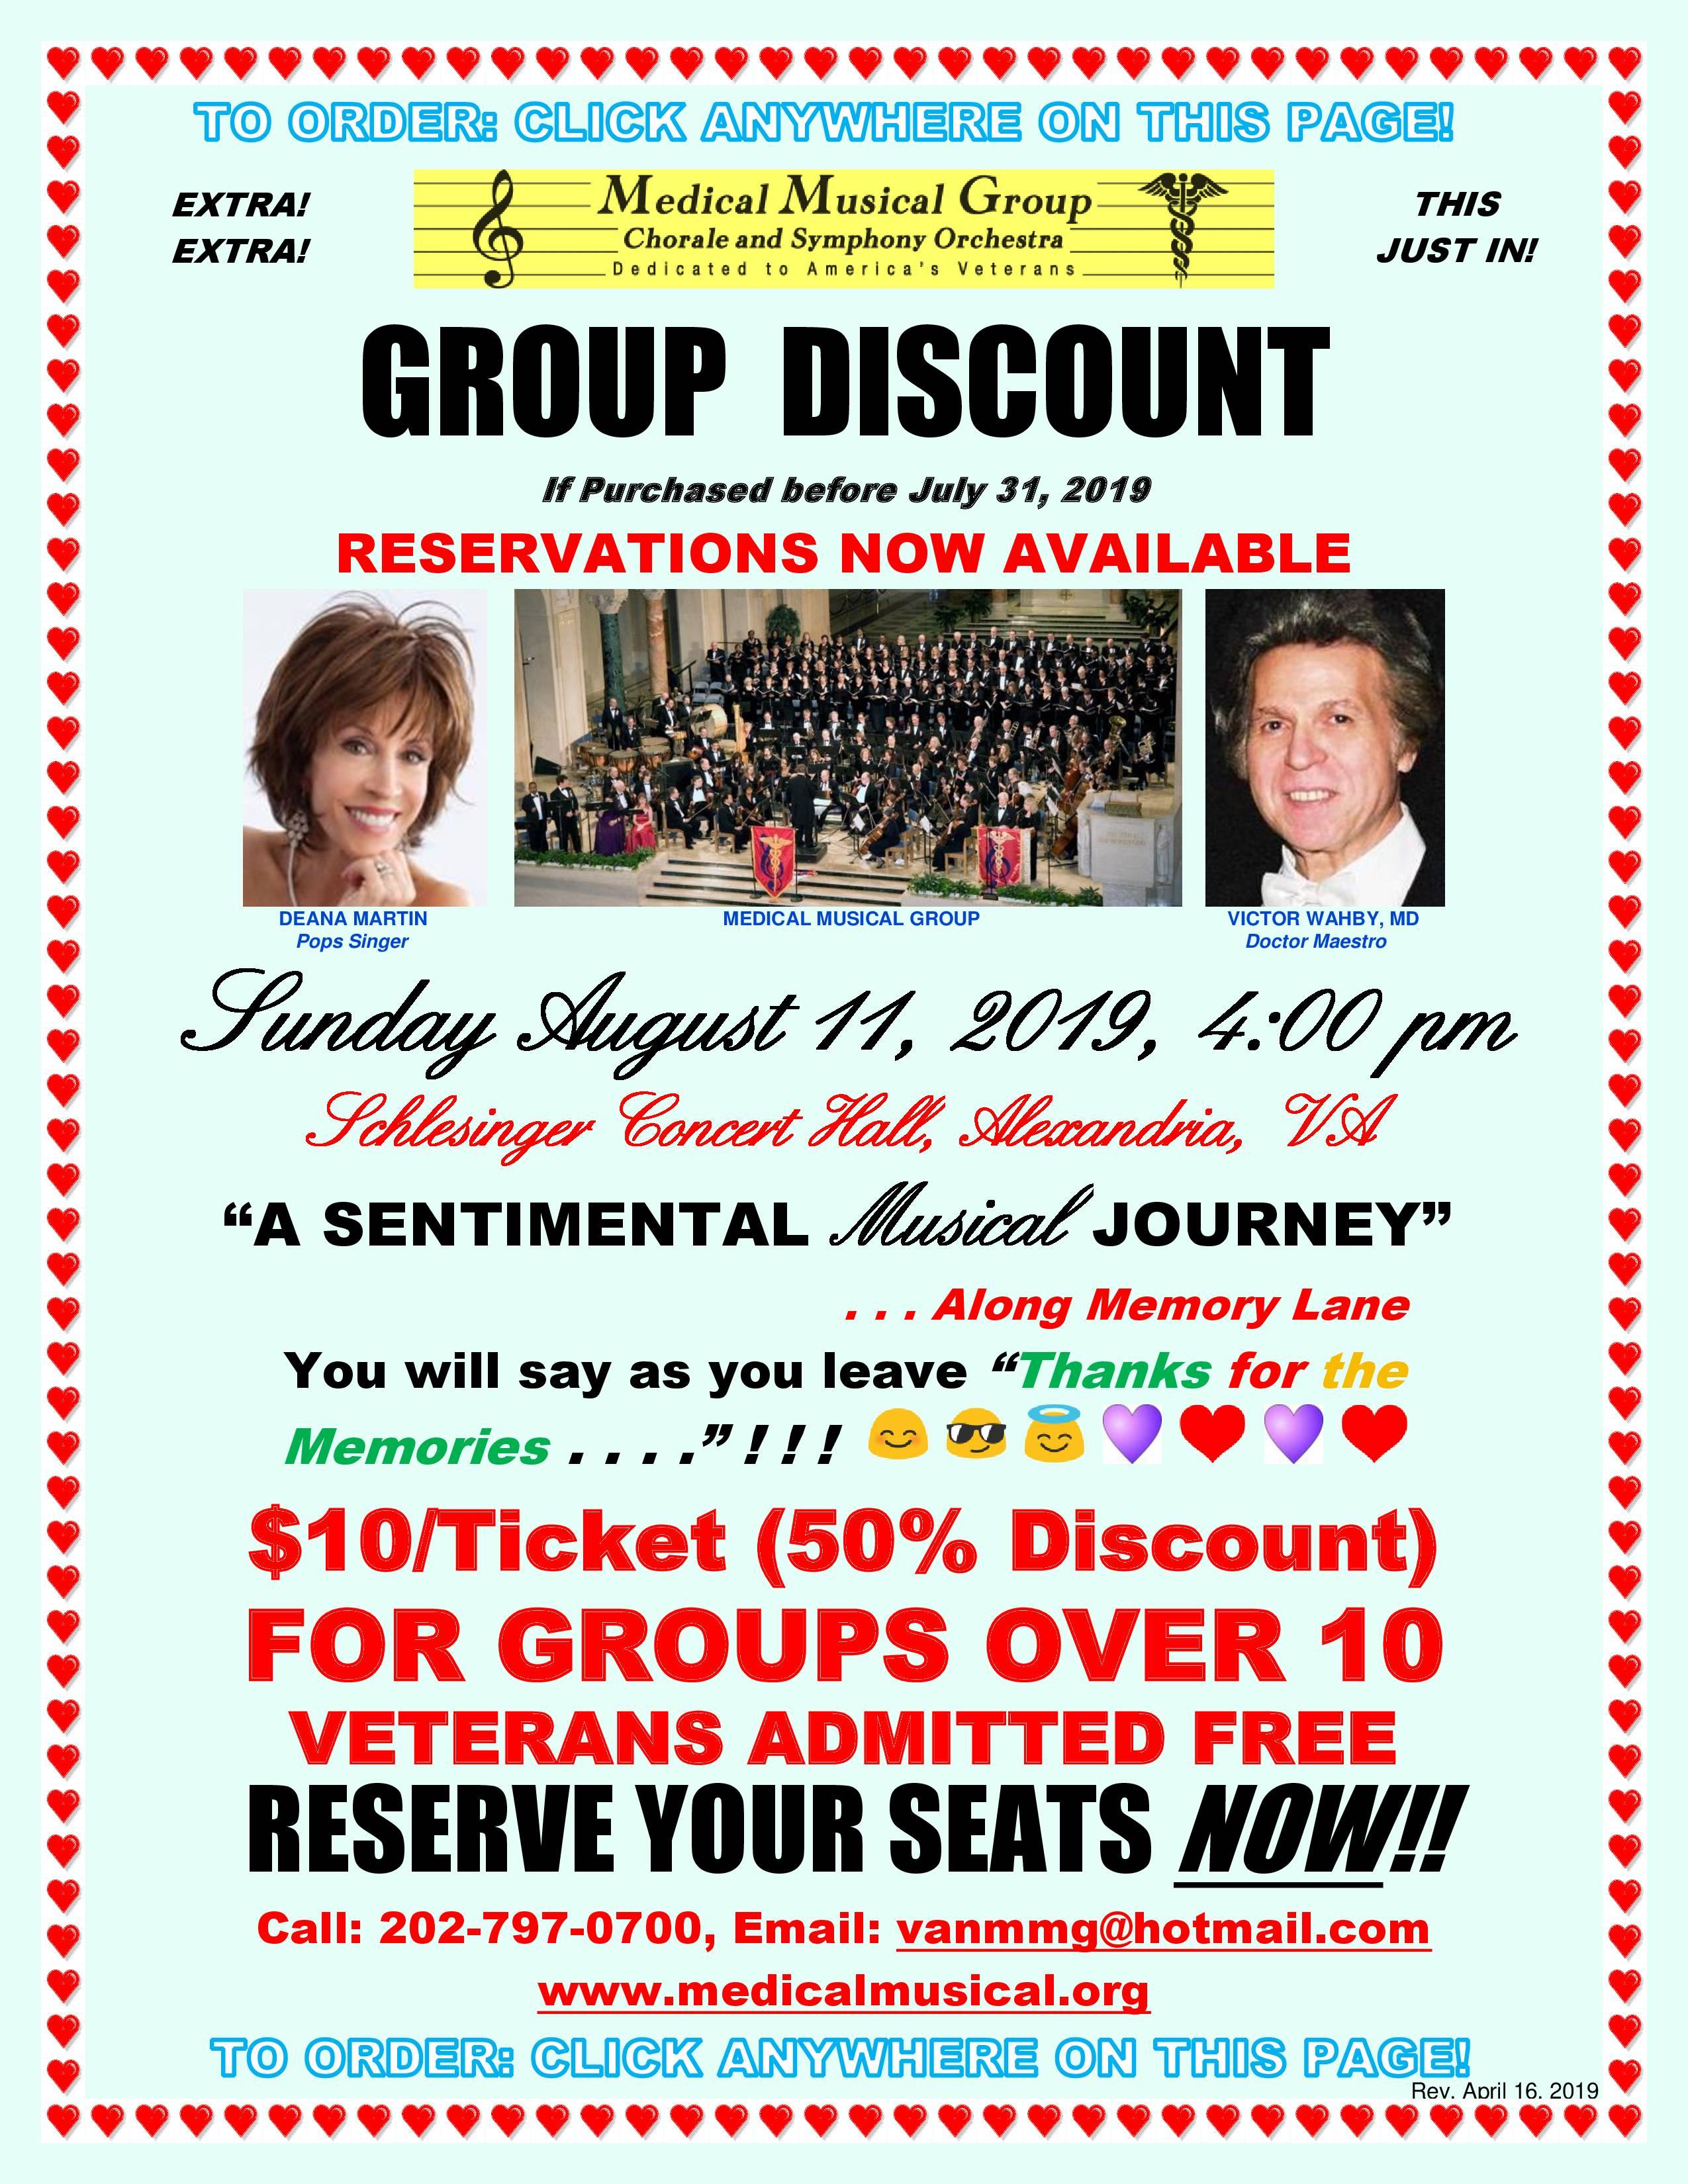 August 2019 Concert Discount Flier